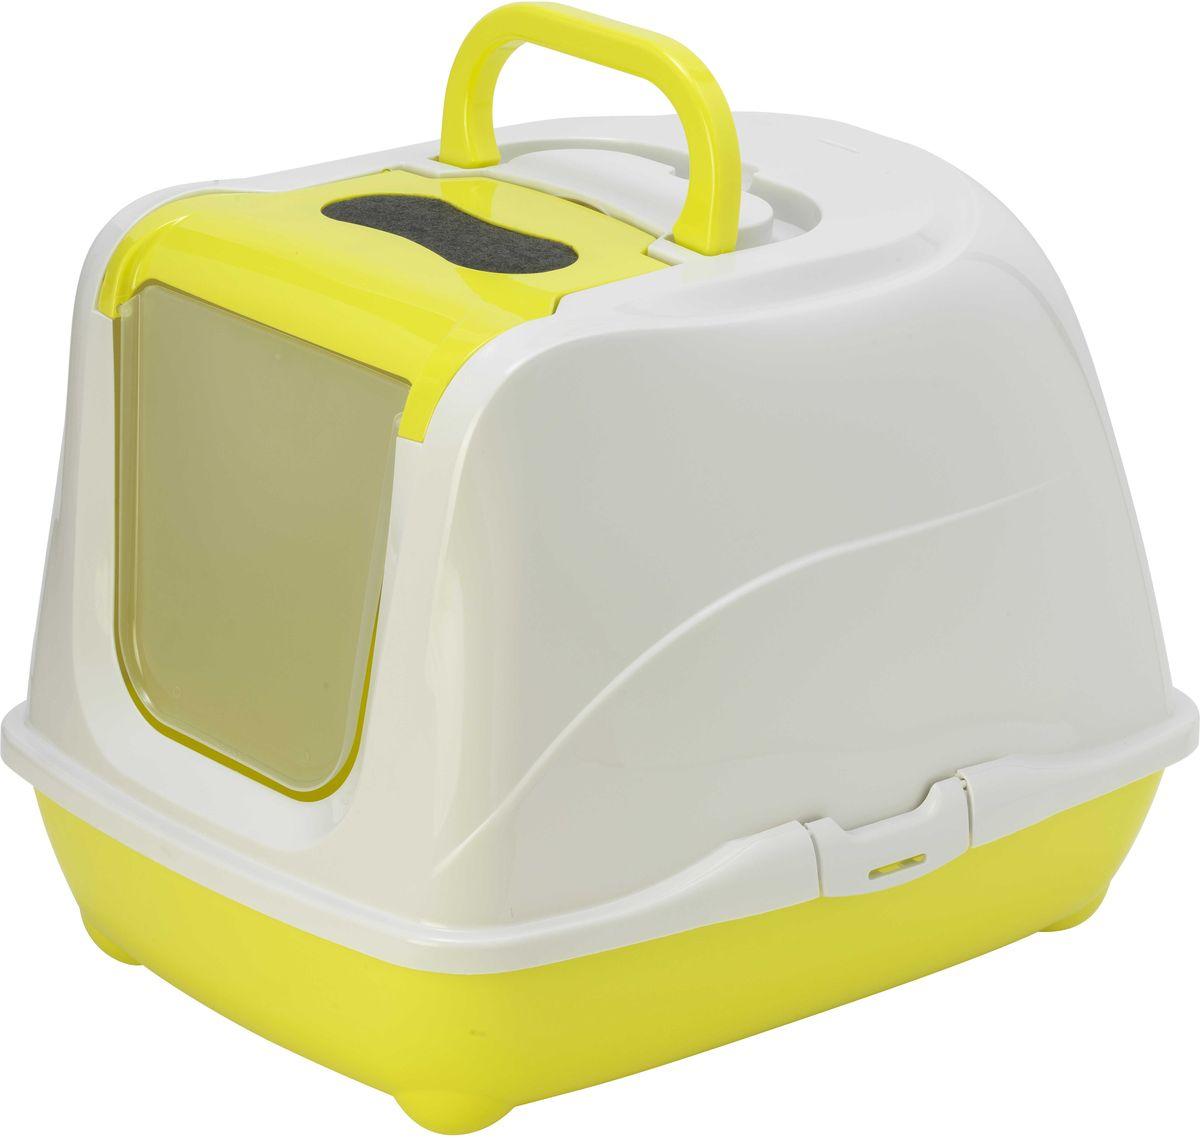 Туалет закрытый Moderna Flip Cat, для больших кошек, цвет: лимон, 58 х 45 х 42 см14C240329